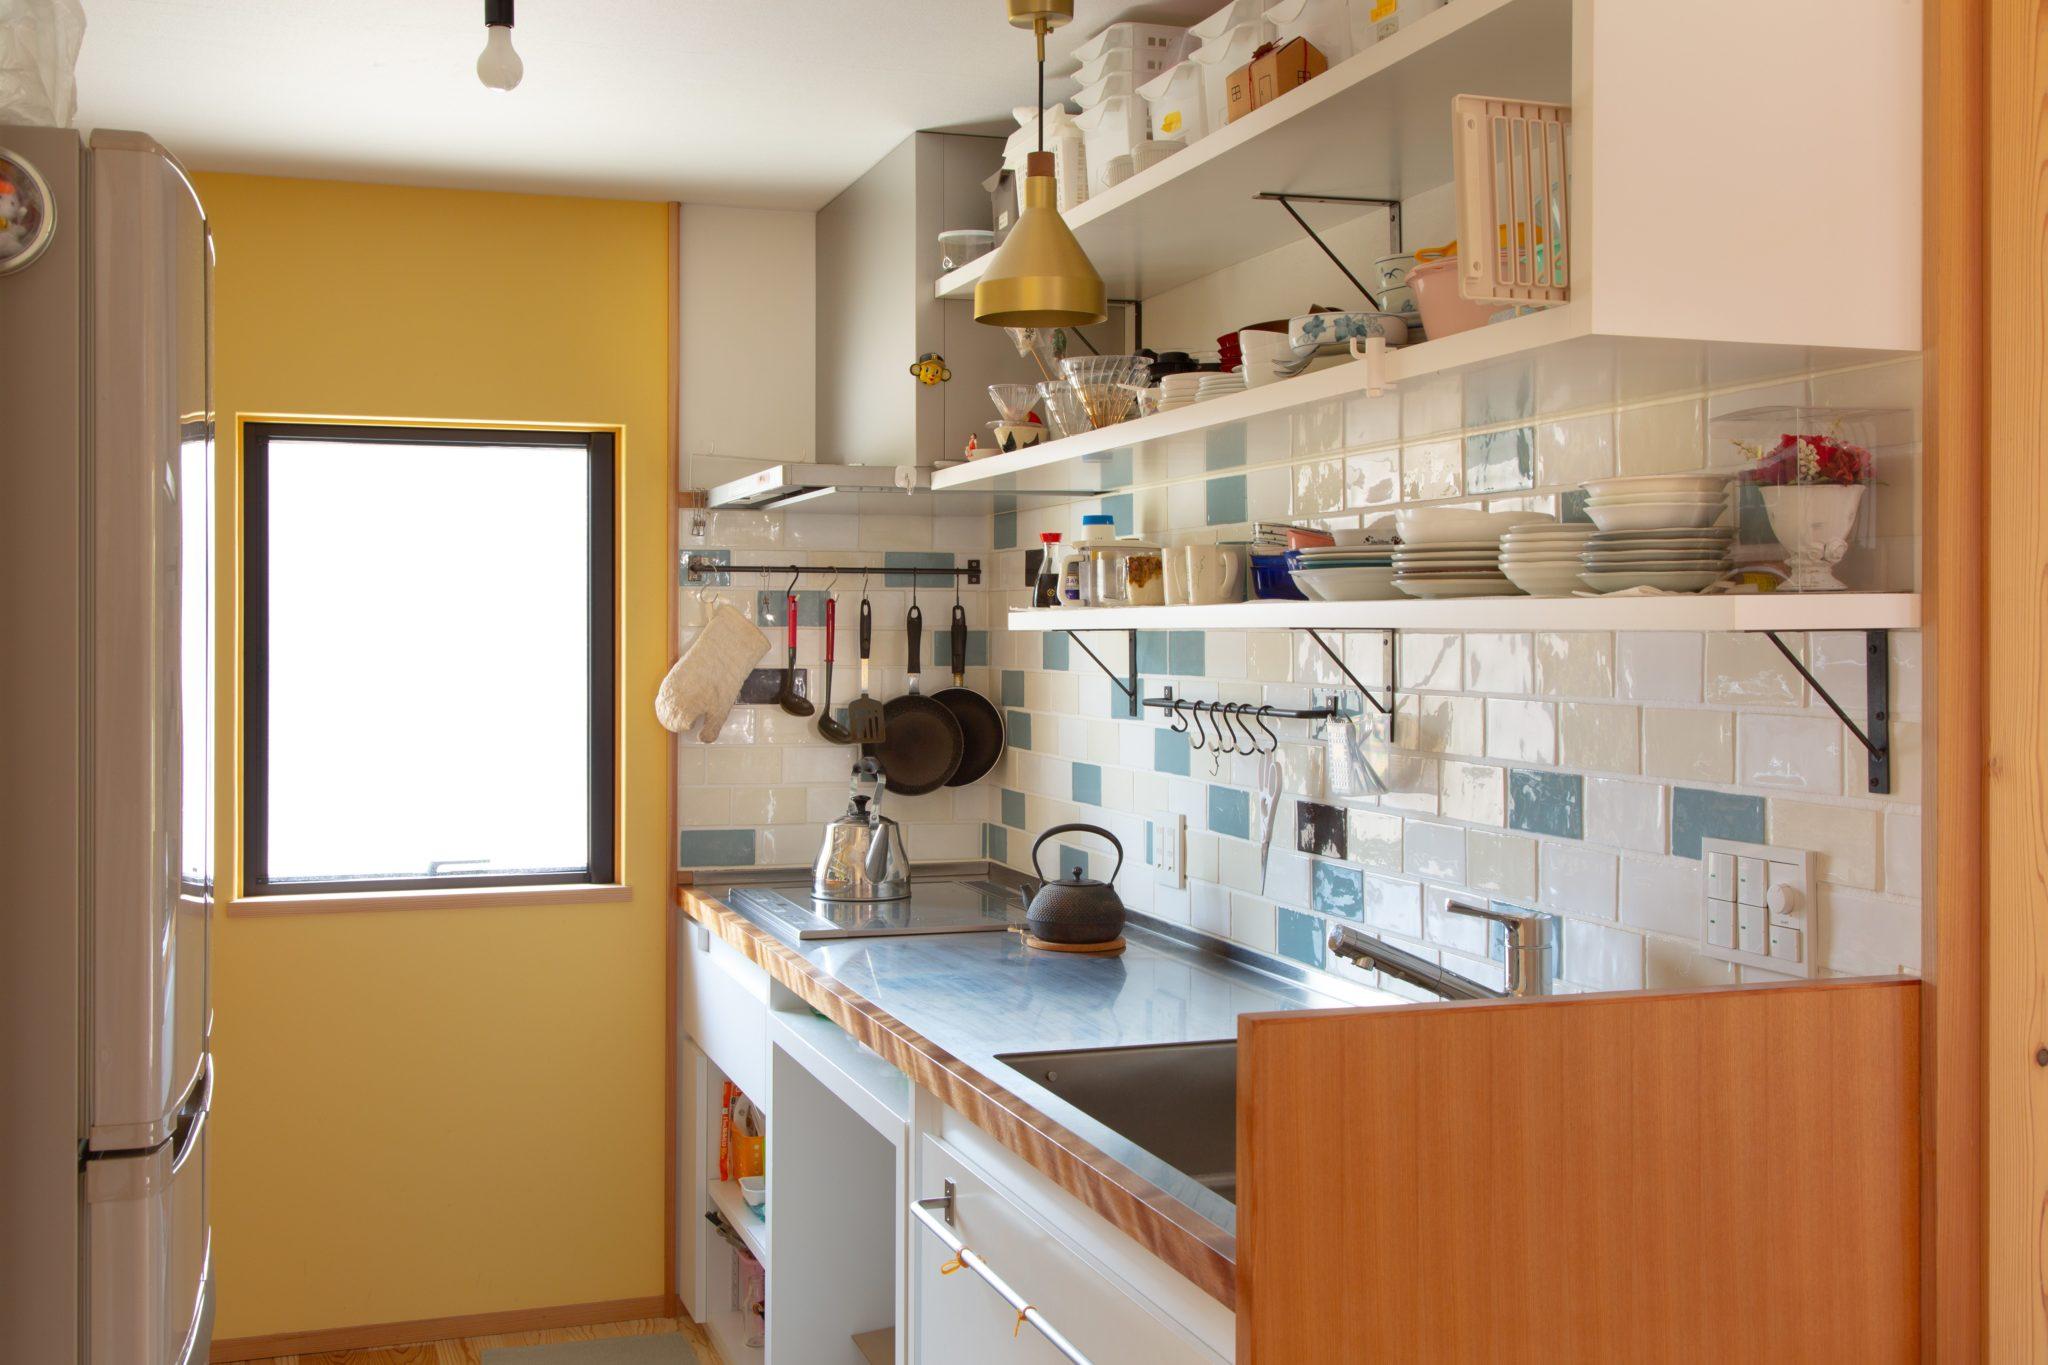 キッチンのタイルやらいろいろは 奥さん好みです。 キッチンもつくりました。